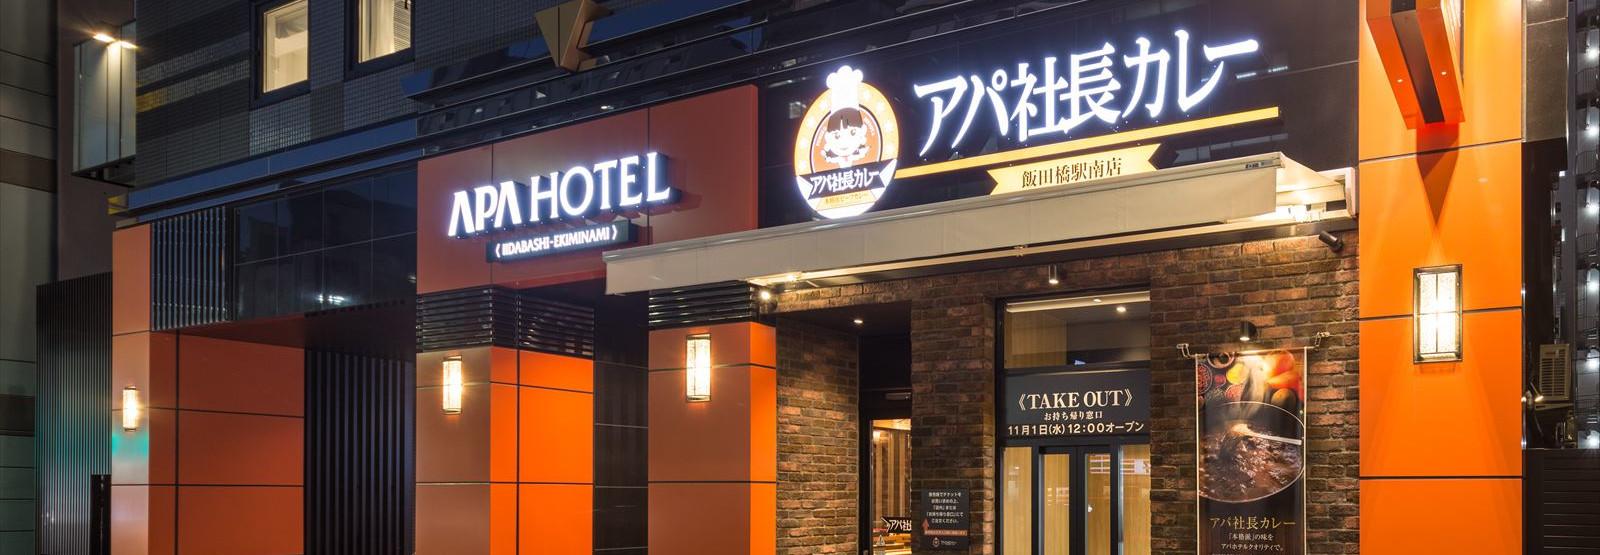 APA Hotel <the Iidabashi Station south>